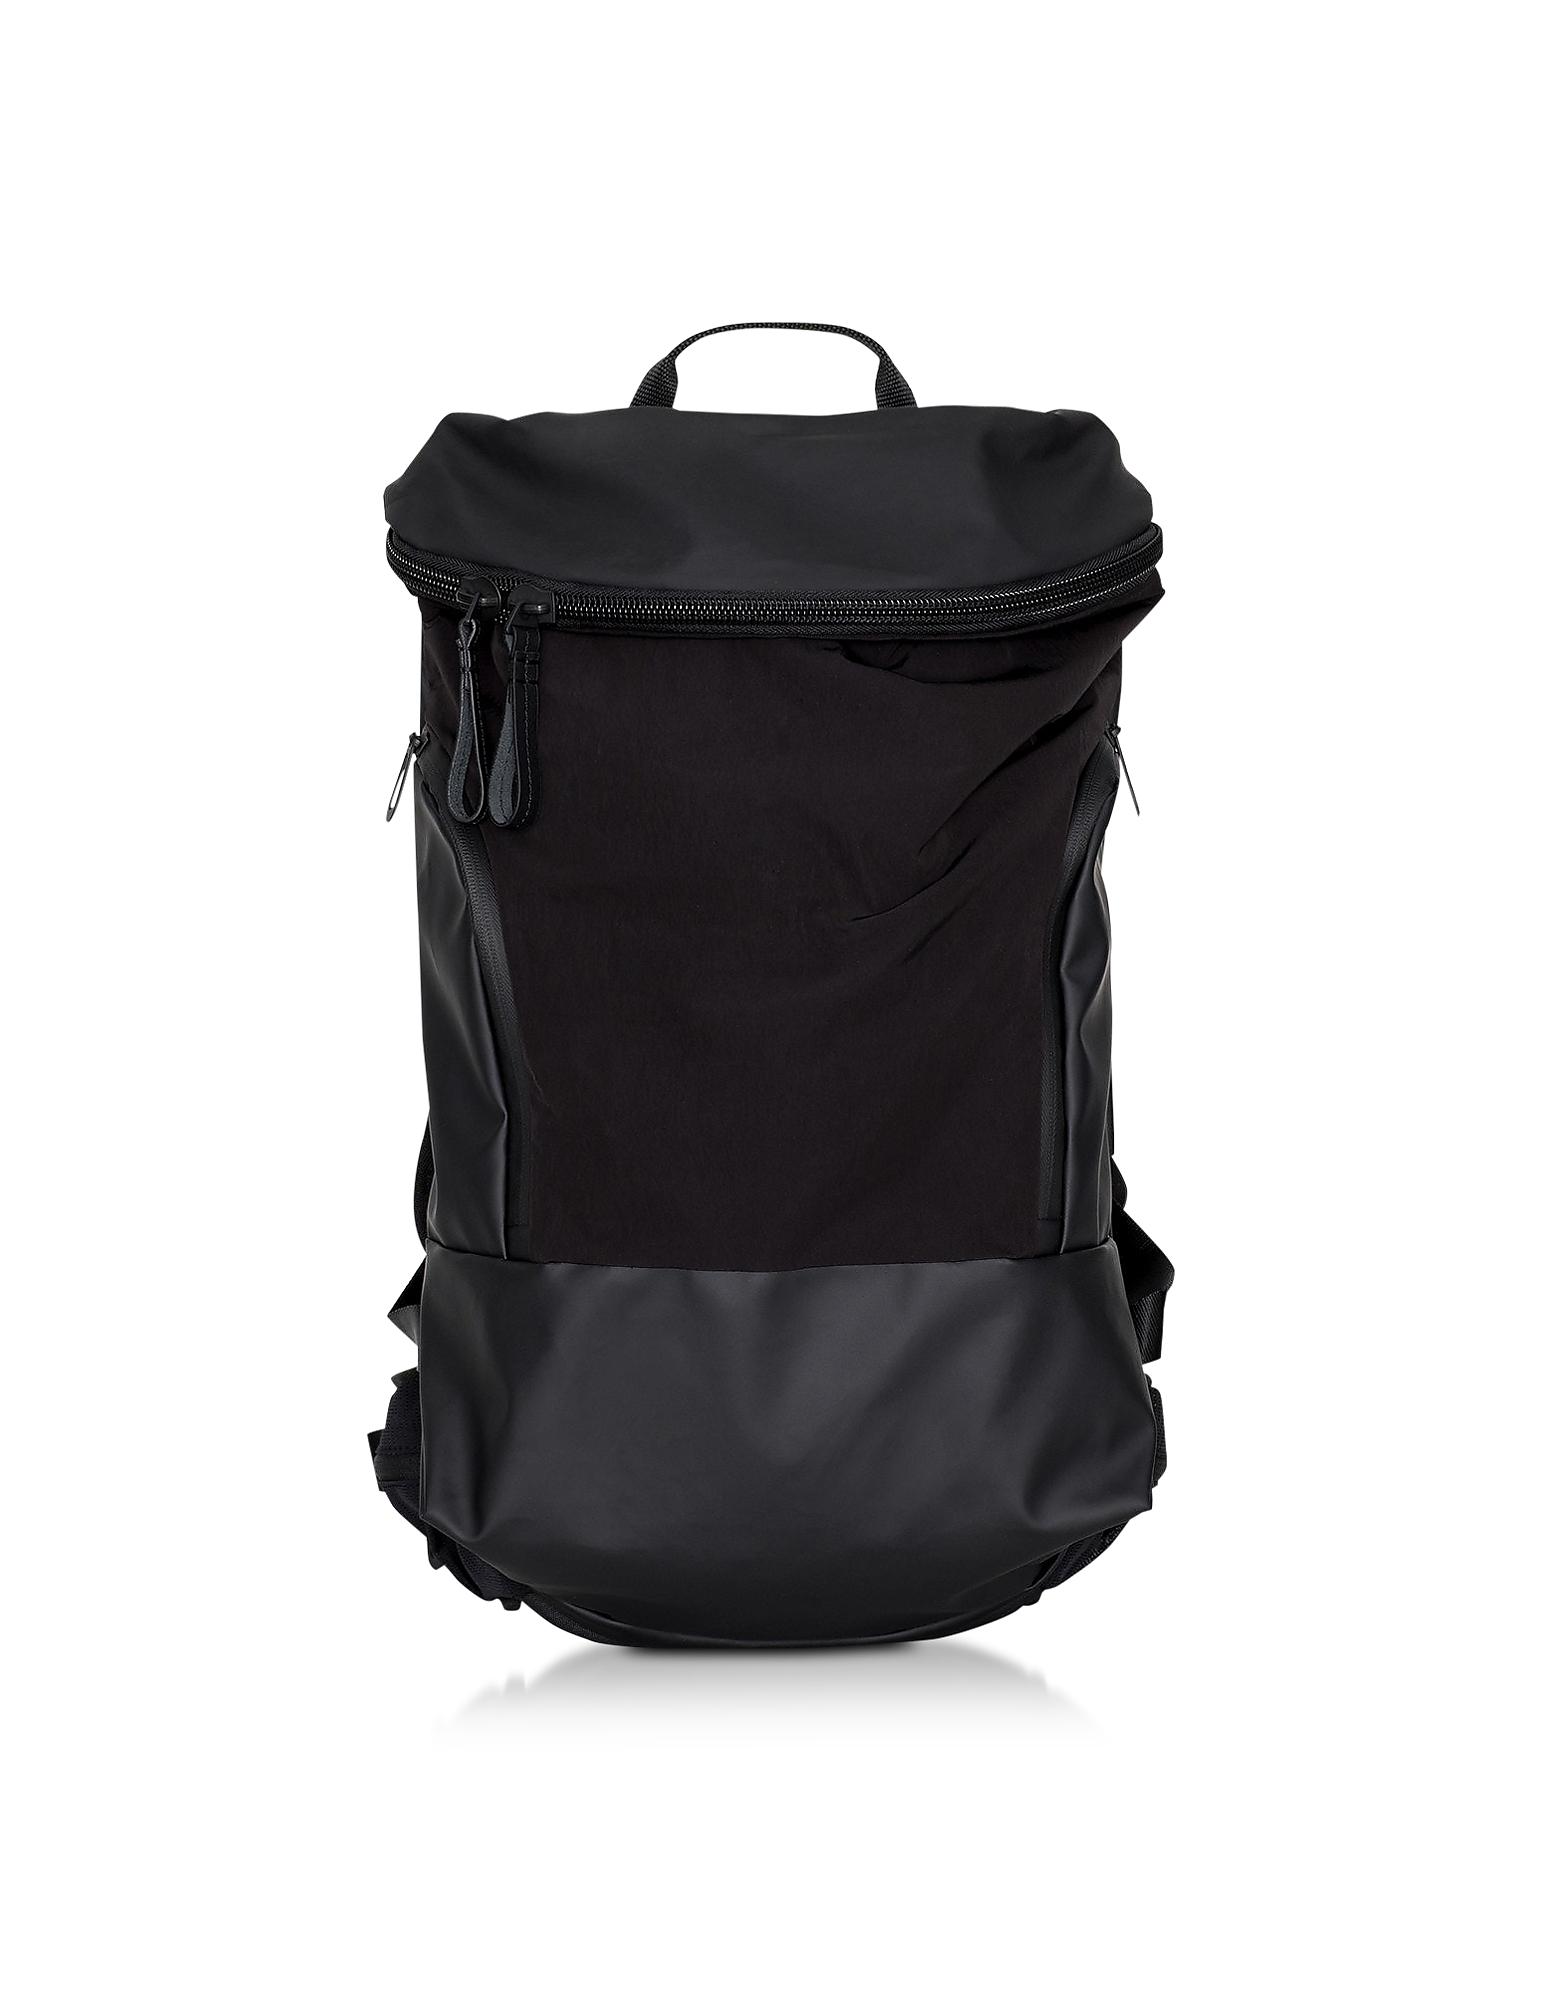 Black Nylon Kensico MemoryTech Backpack